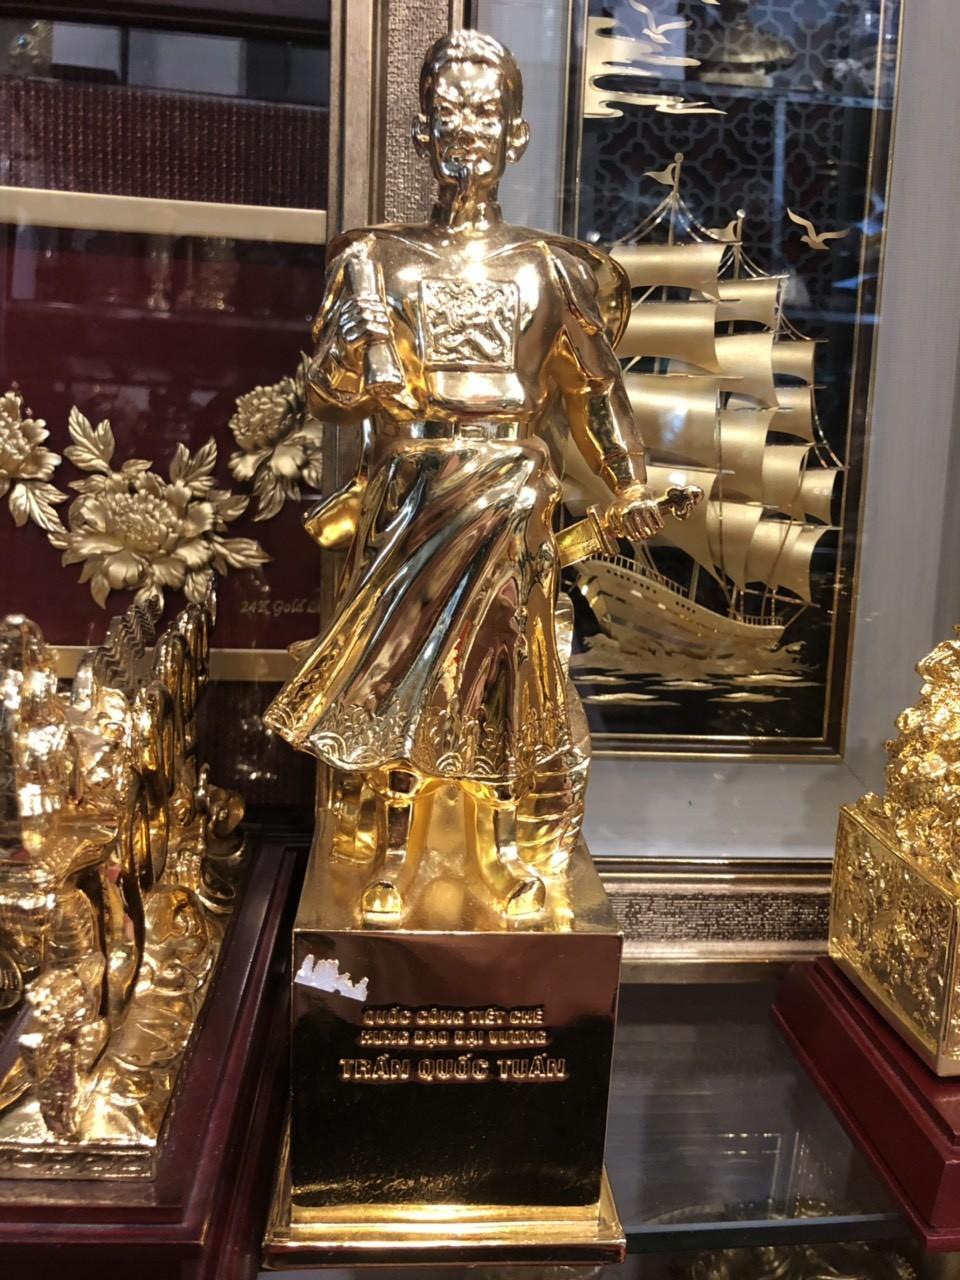 Giá bán tượng Trần Quốc Tuấn mạ vàng, tượng đồng danh nhân mạ vàng